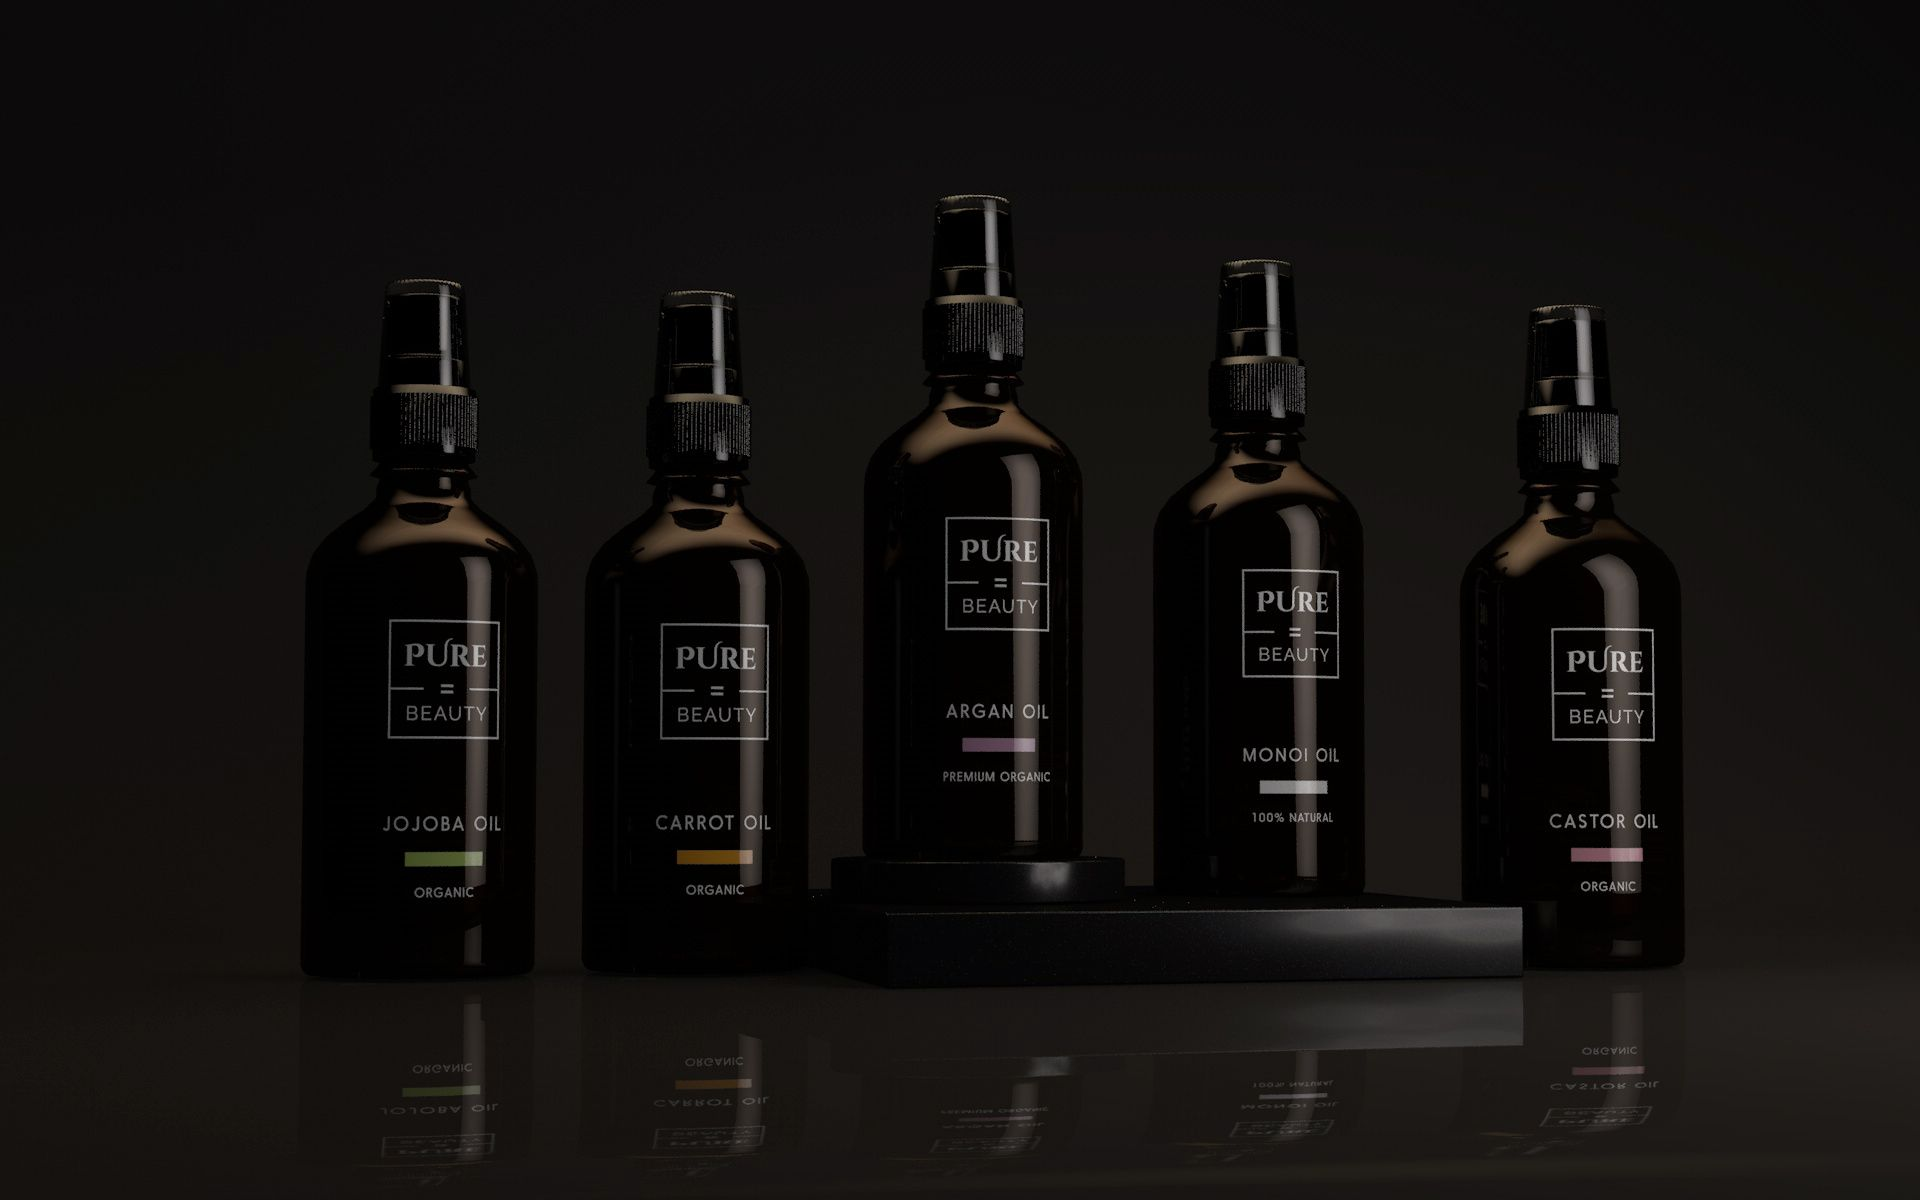 projekt-logo-firmy-branding-pictoo-lodz-warszawa-strategia-marki-opakowania-kosmetyczne-projektowanie-etykiet-opakowan-studio-graficzne-projektowanie-lodz-warszawa-kosmetyki